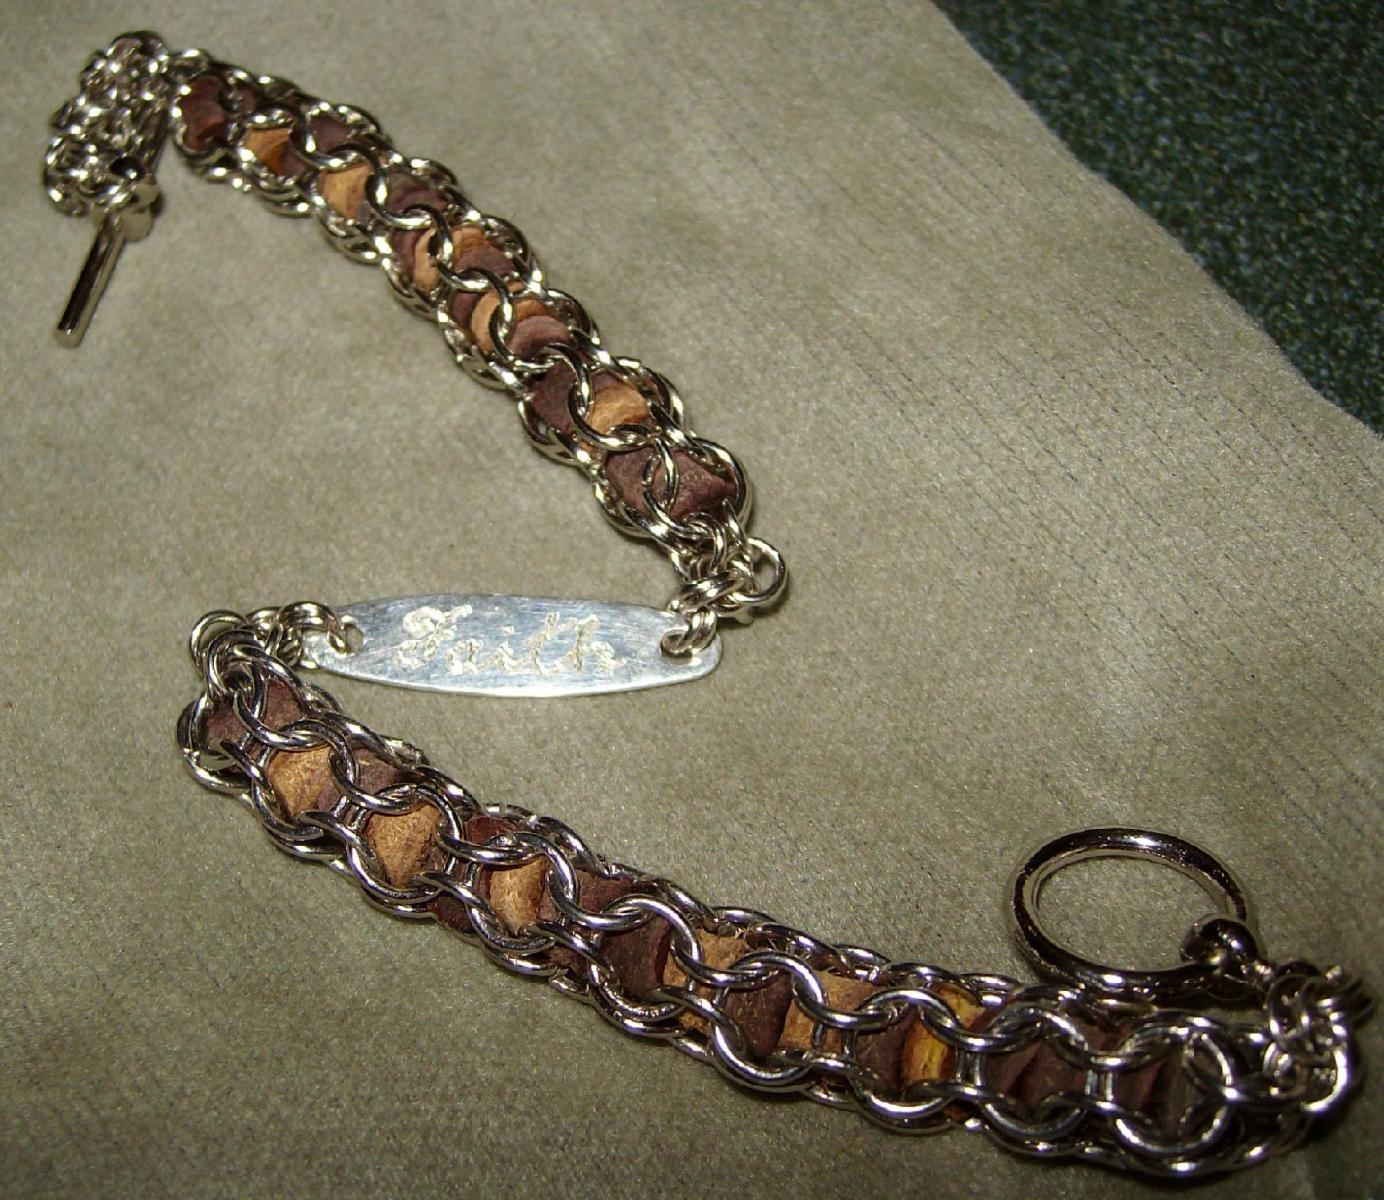 inverted roundmaile bracelet.JPG